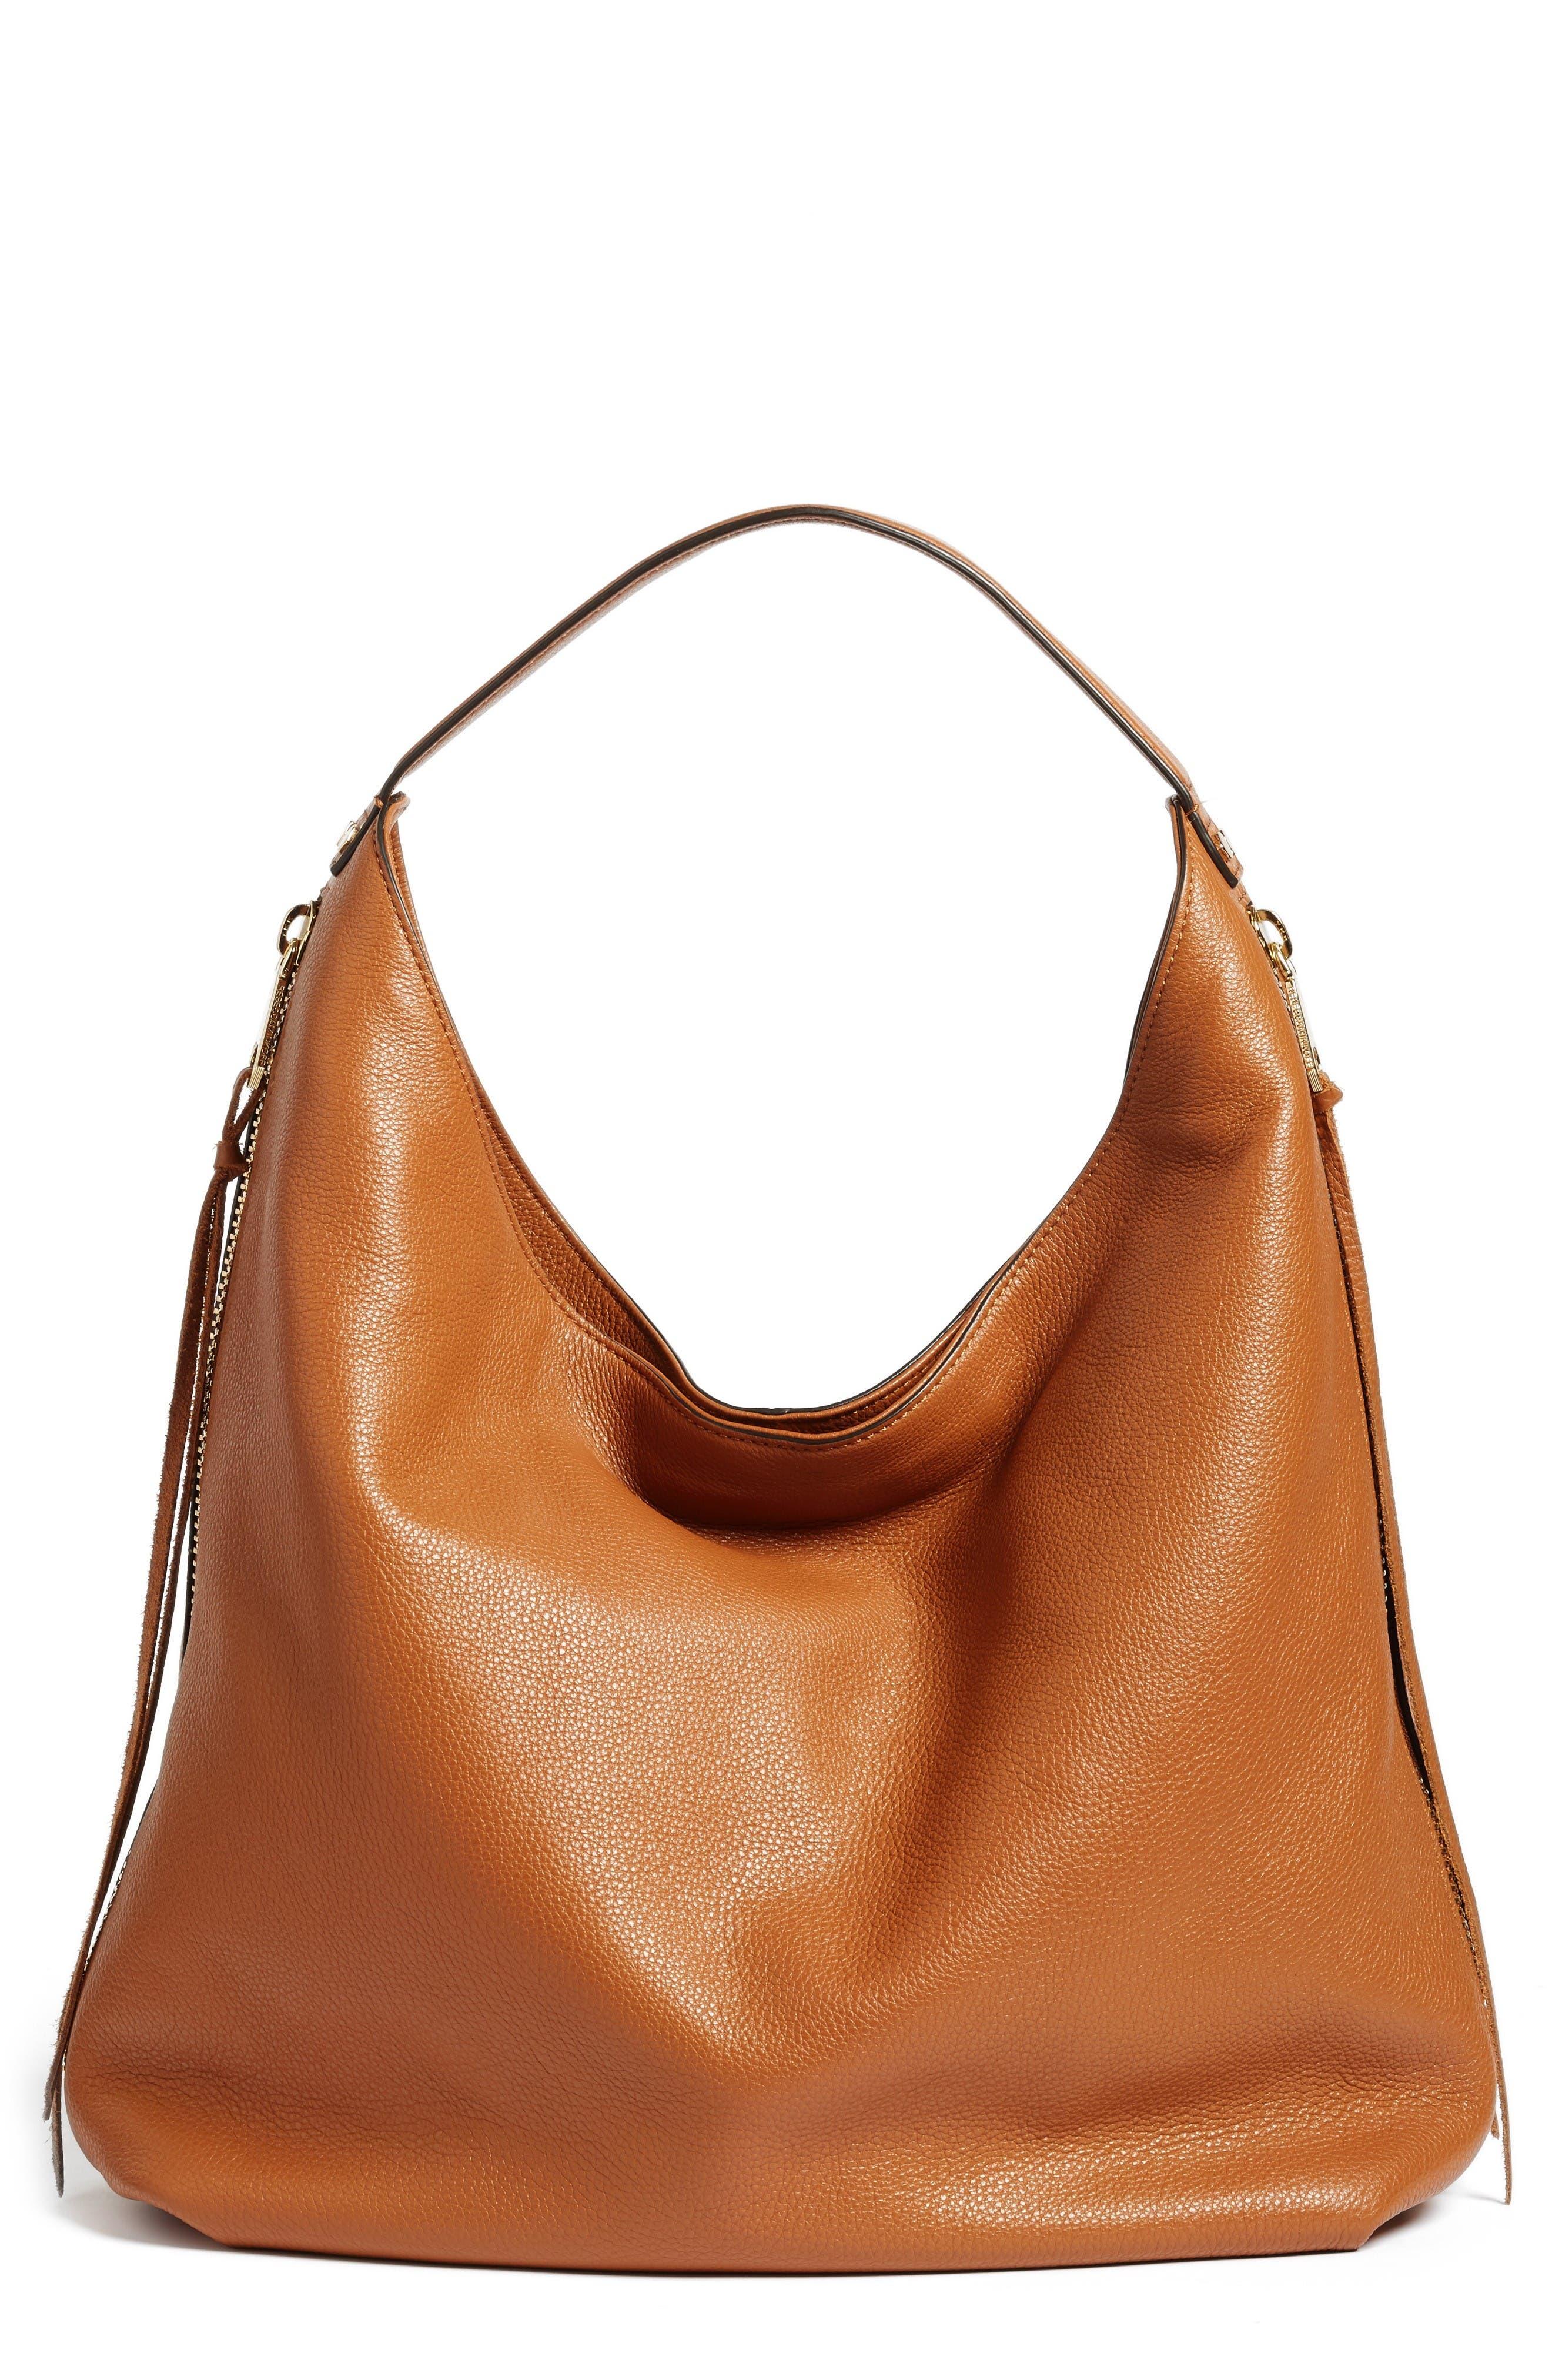 Rebecca Minkoff Medium Bryn Leather Hobo